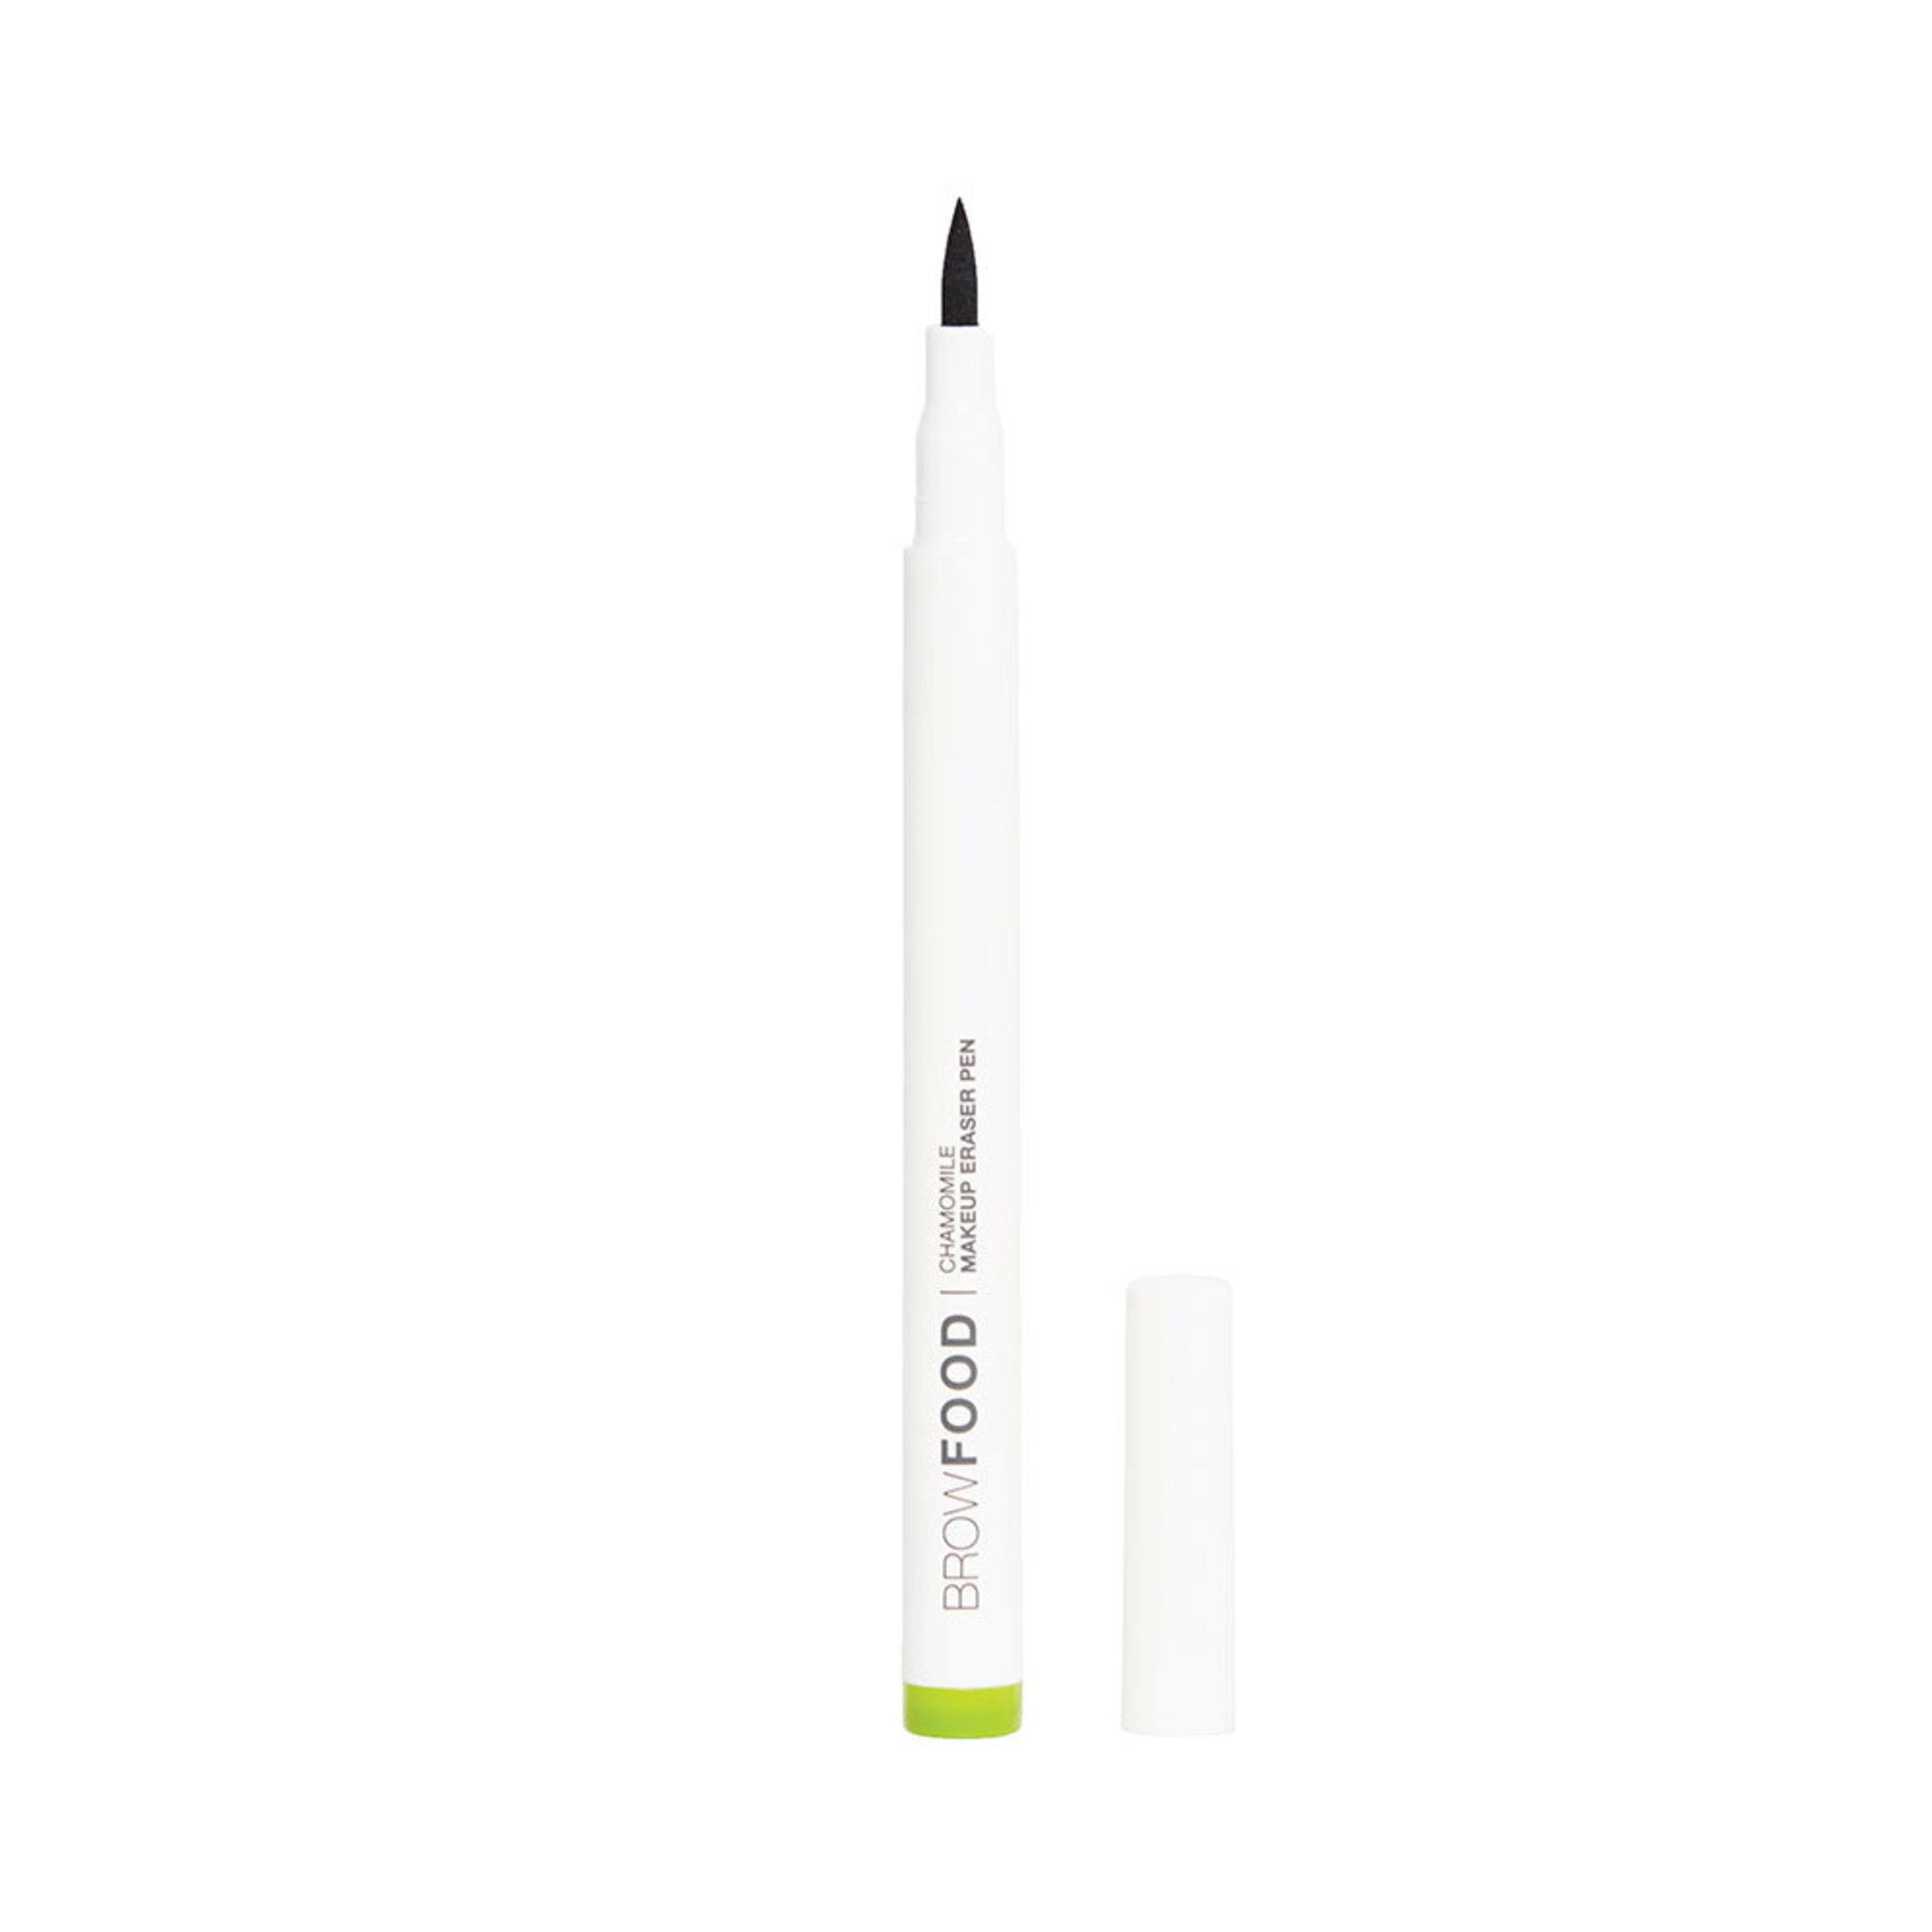 Chamomile Makeup Eraser Pen